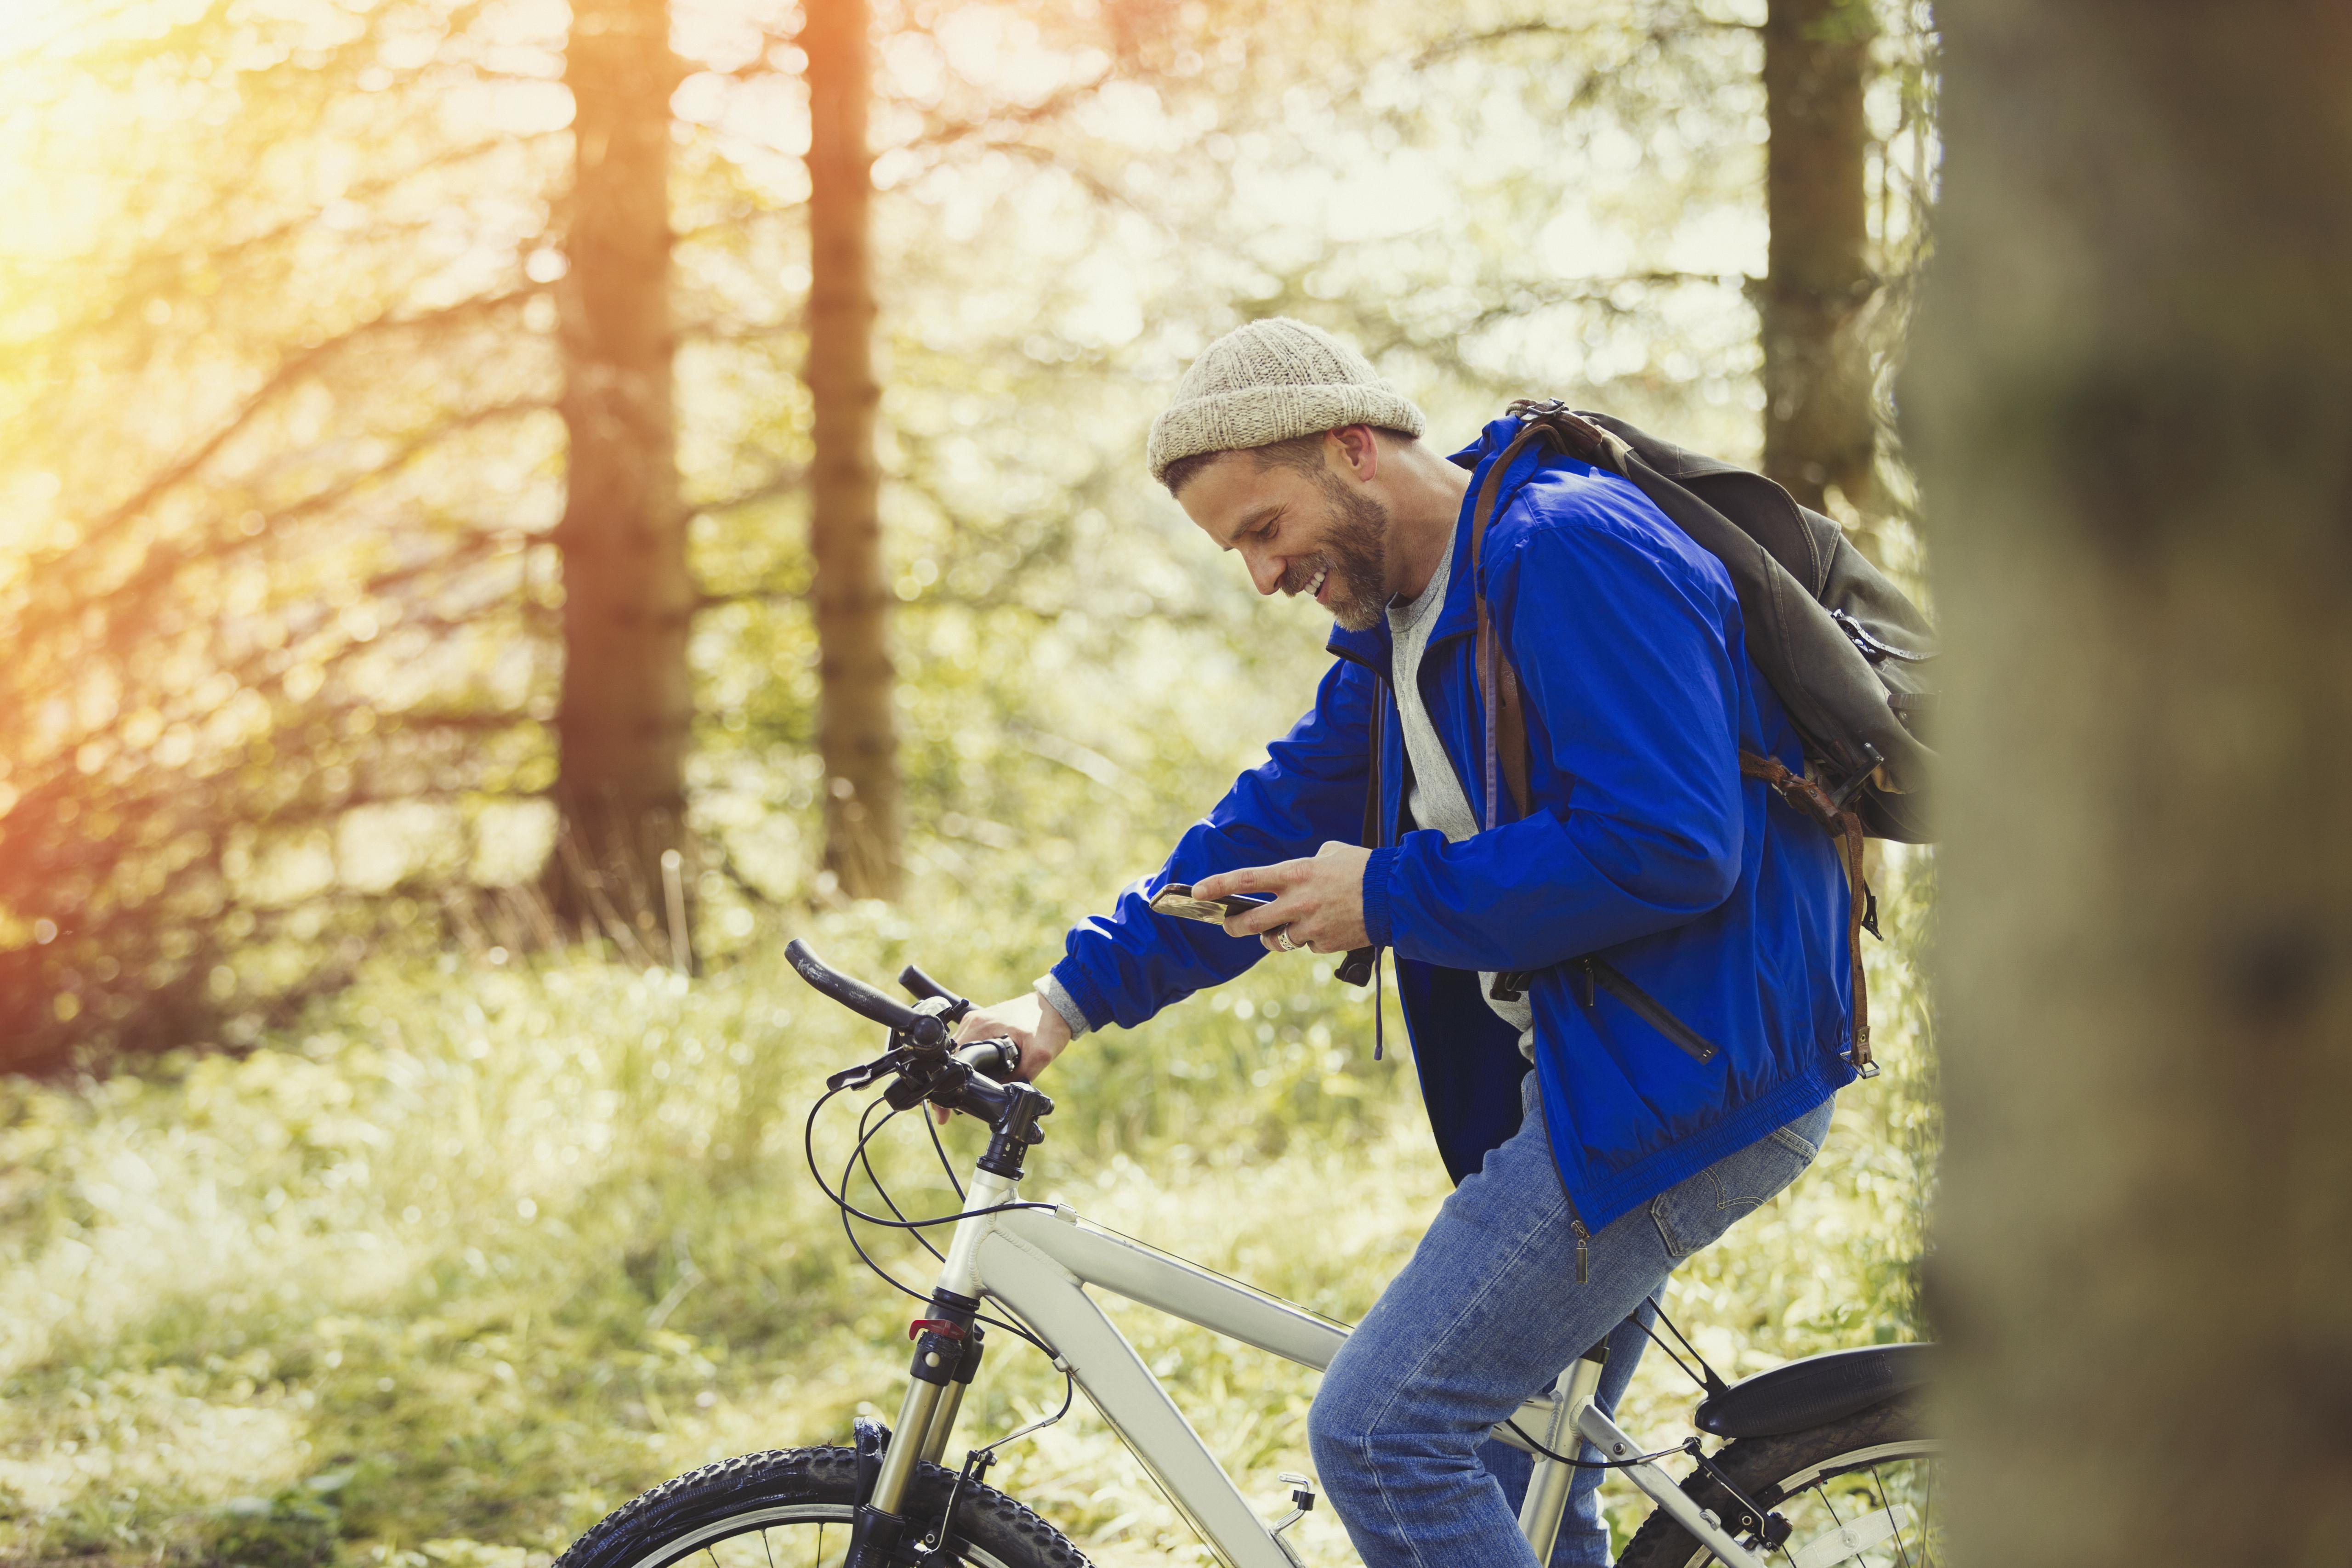 Mann sykler i skogen og ser på mobil